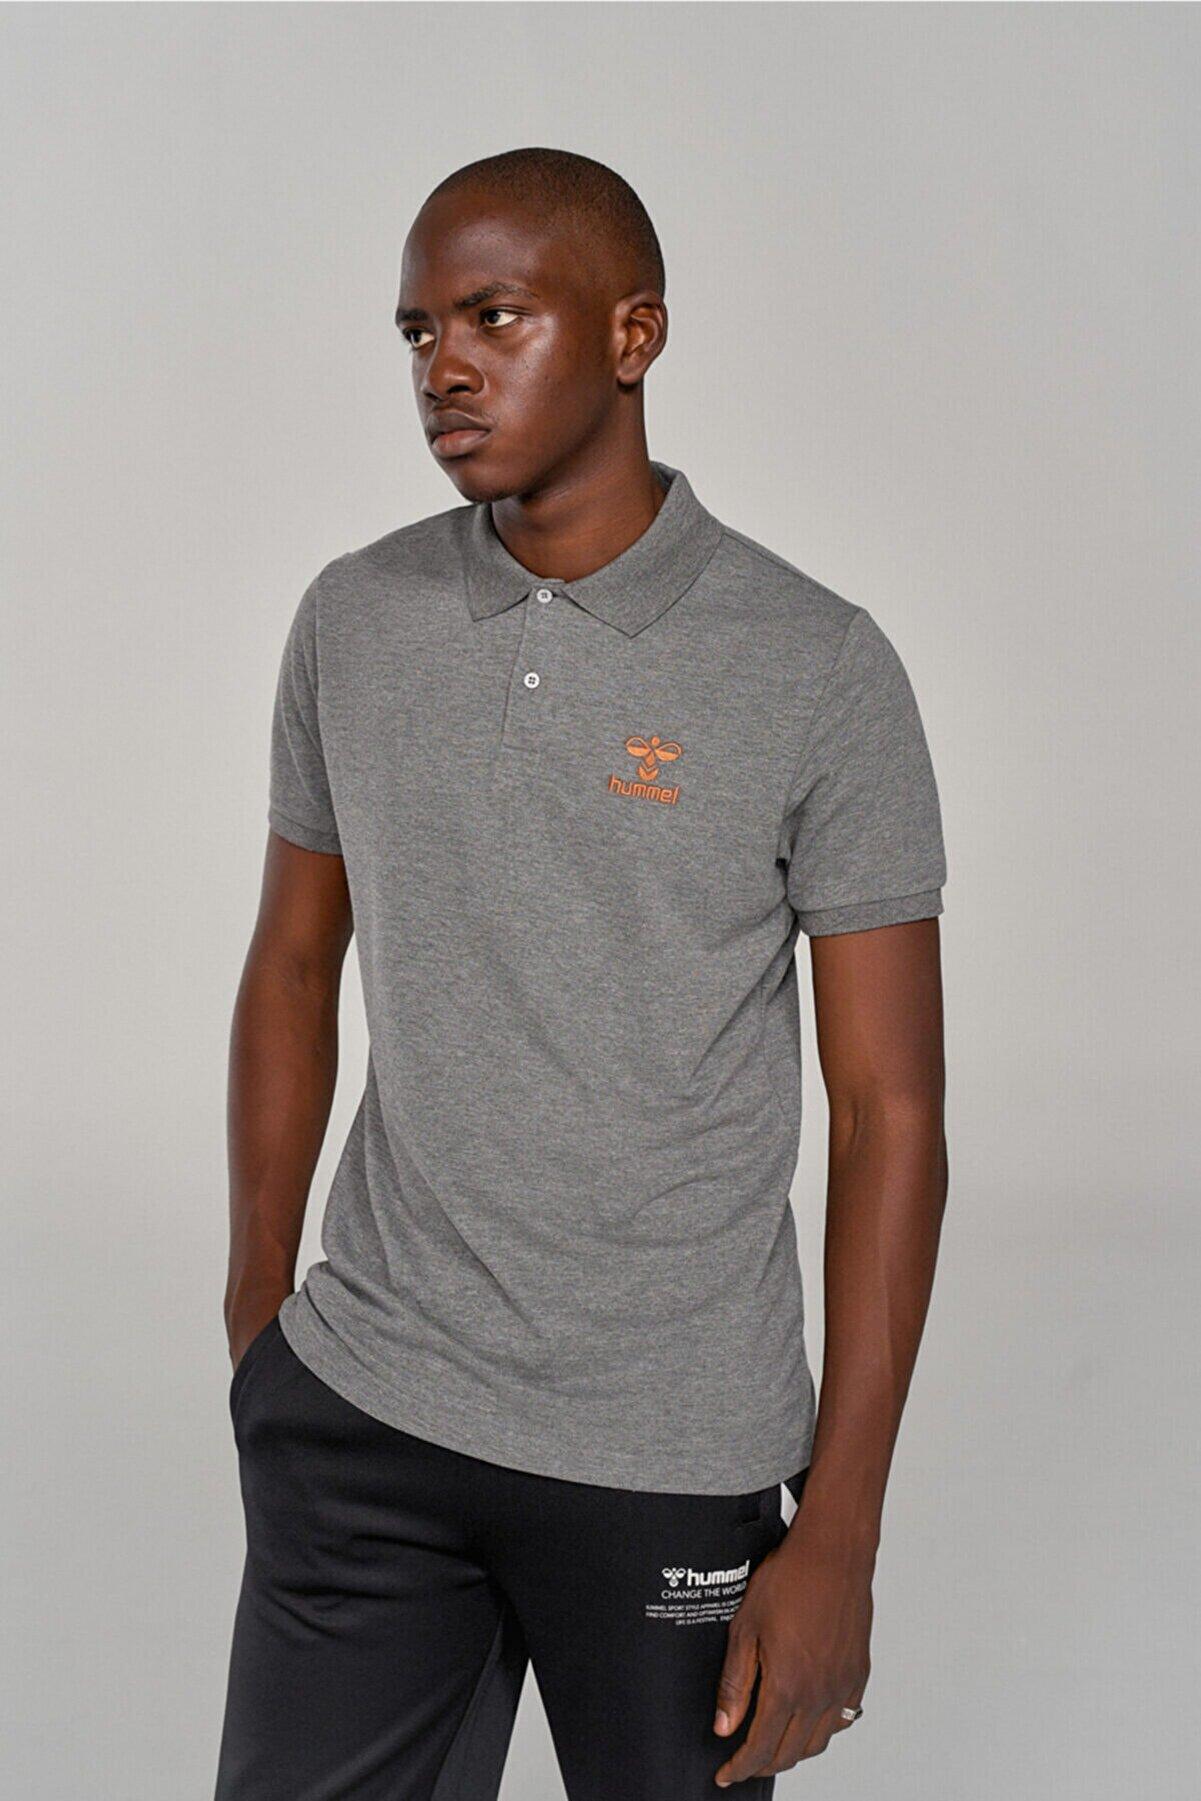 HUMMEL HMLLEON POLO T-SHIRT S/S Gri Erkek T-Shirt 101086234